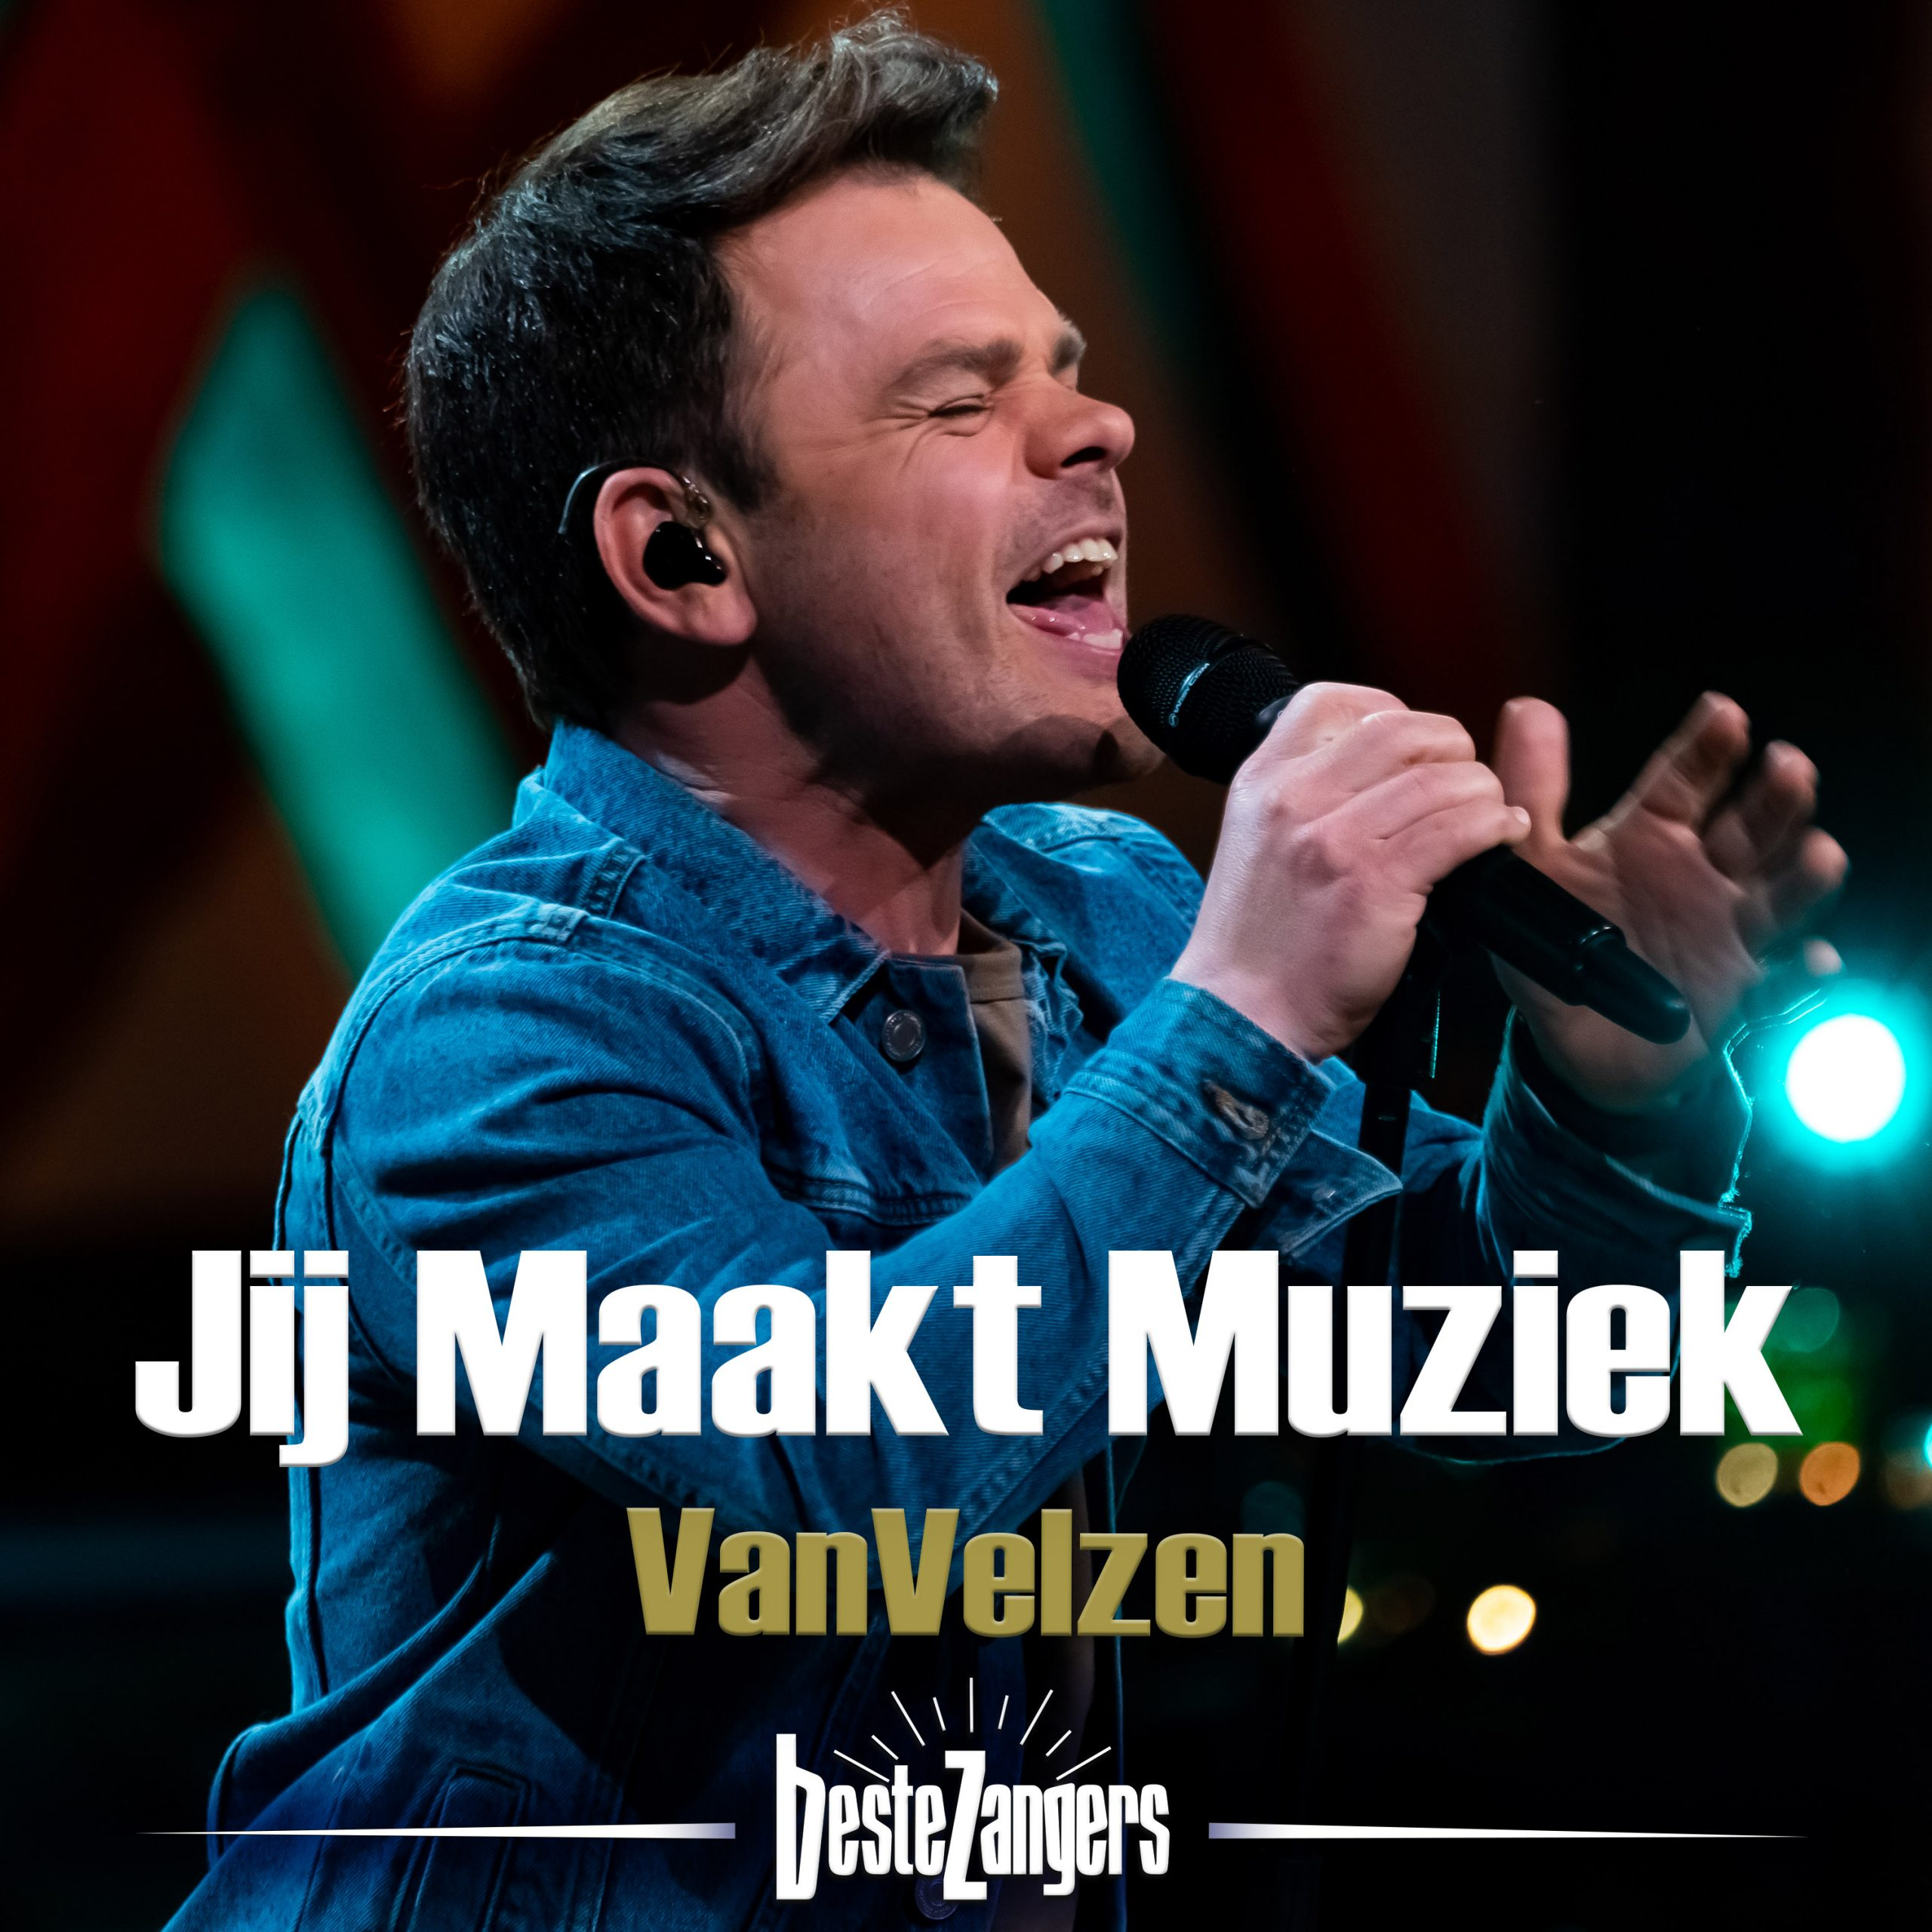 VanVelzen - Jij maakt muziek